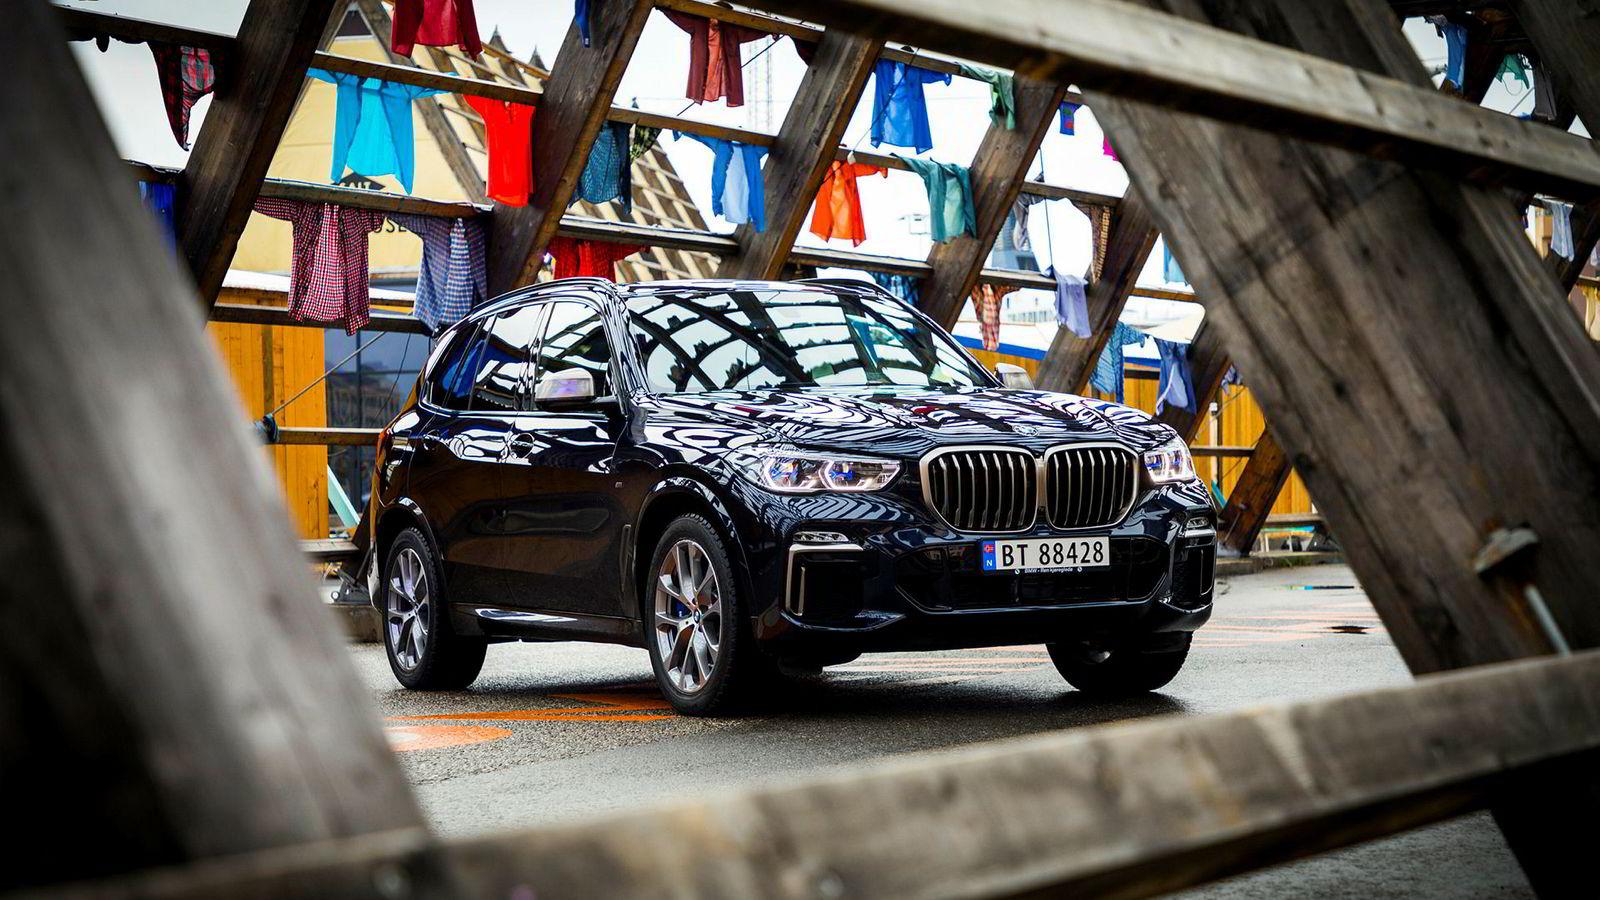 Aksjene i luksusbilprodusenten BMW selges med rabatt på børsen i Frankfurt.